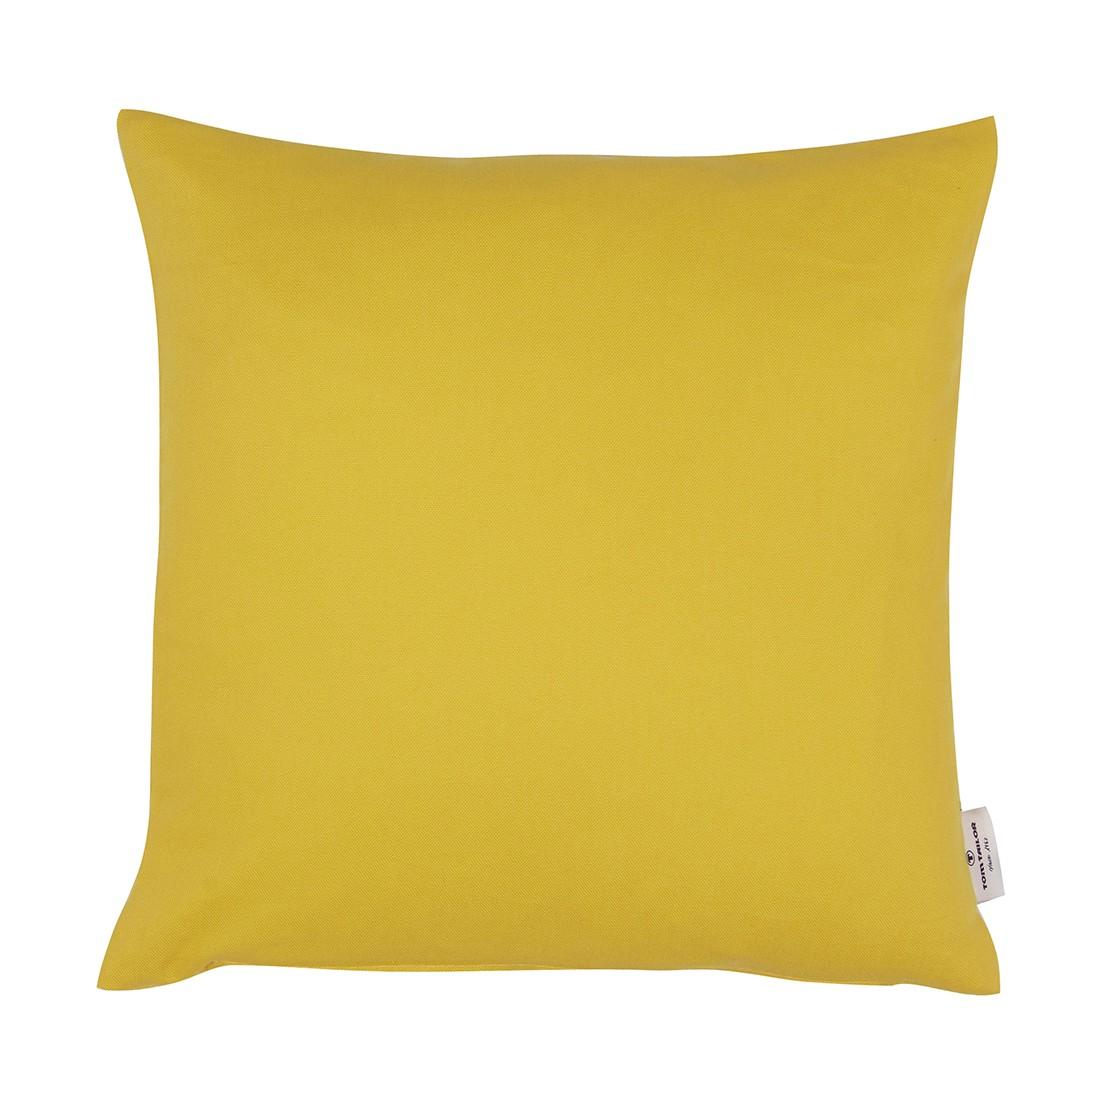 Kissenhülle T-Dove – Zitrone – Maße: 50 x 50 cm, Tom Tailor günstig online kaufen